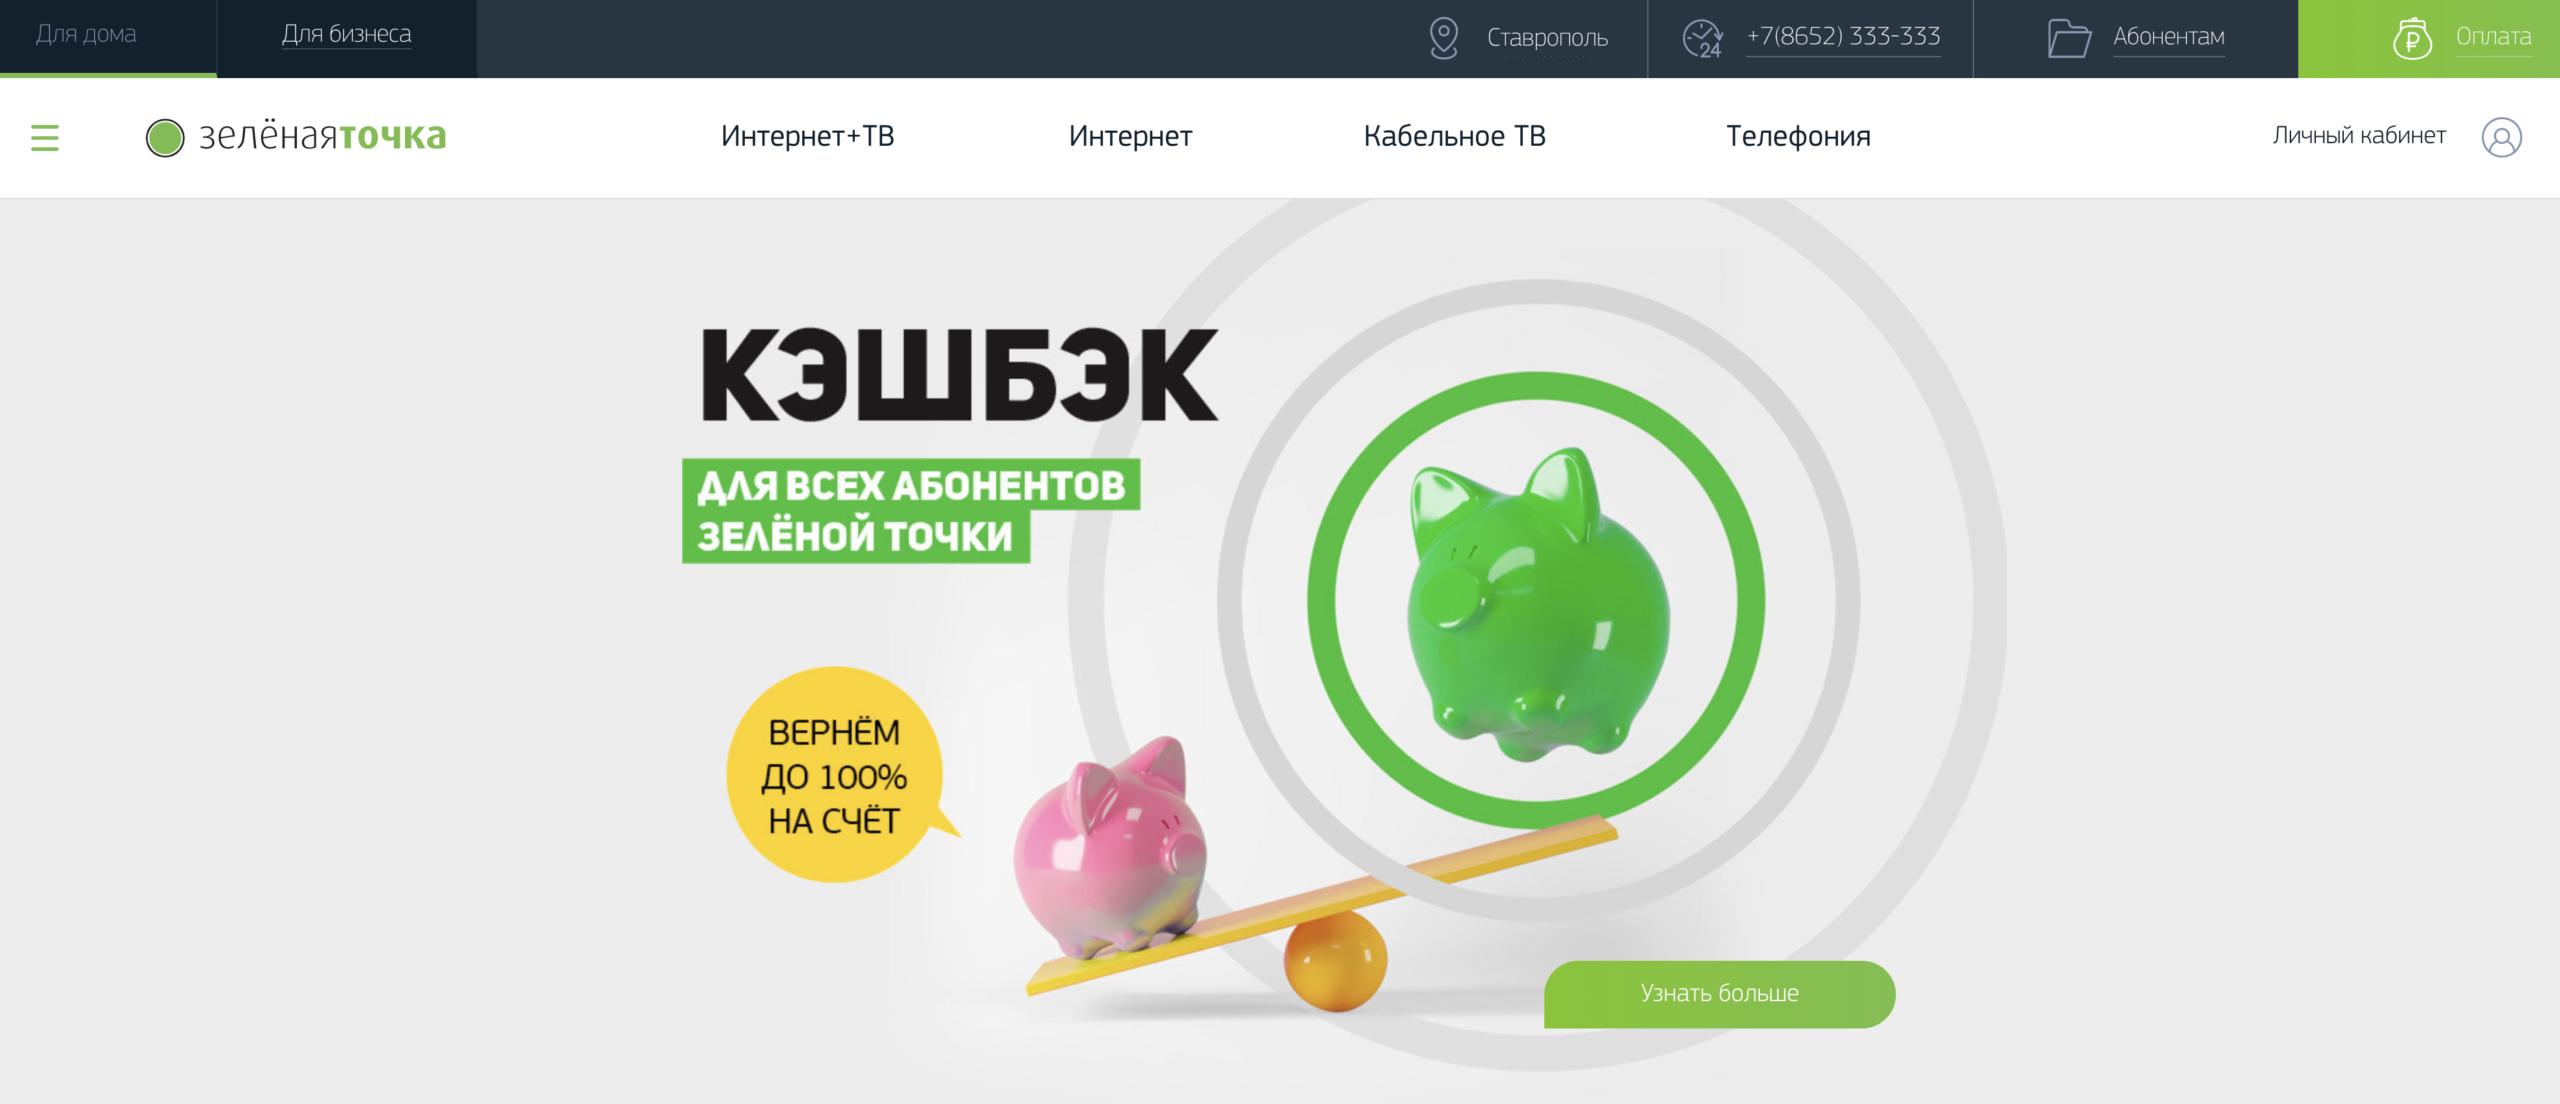 zelenaya.net_-scaled.png